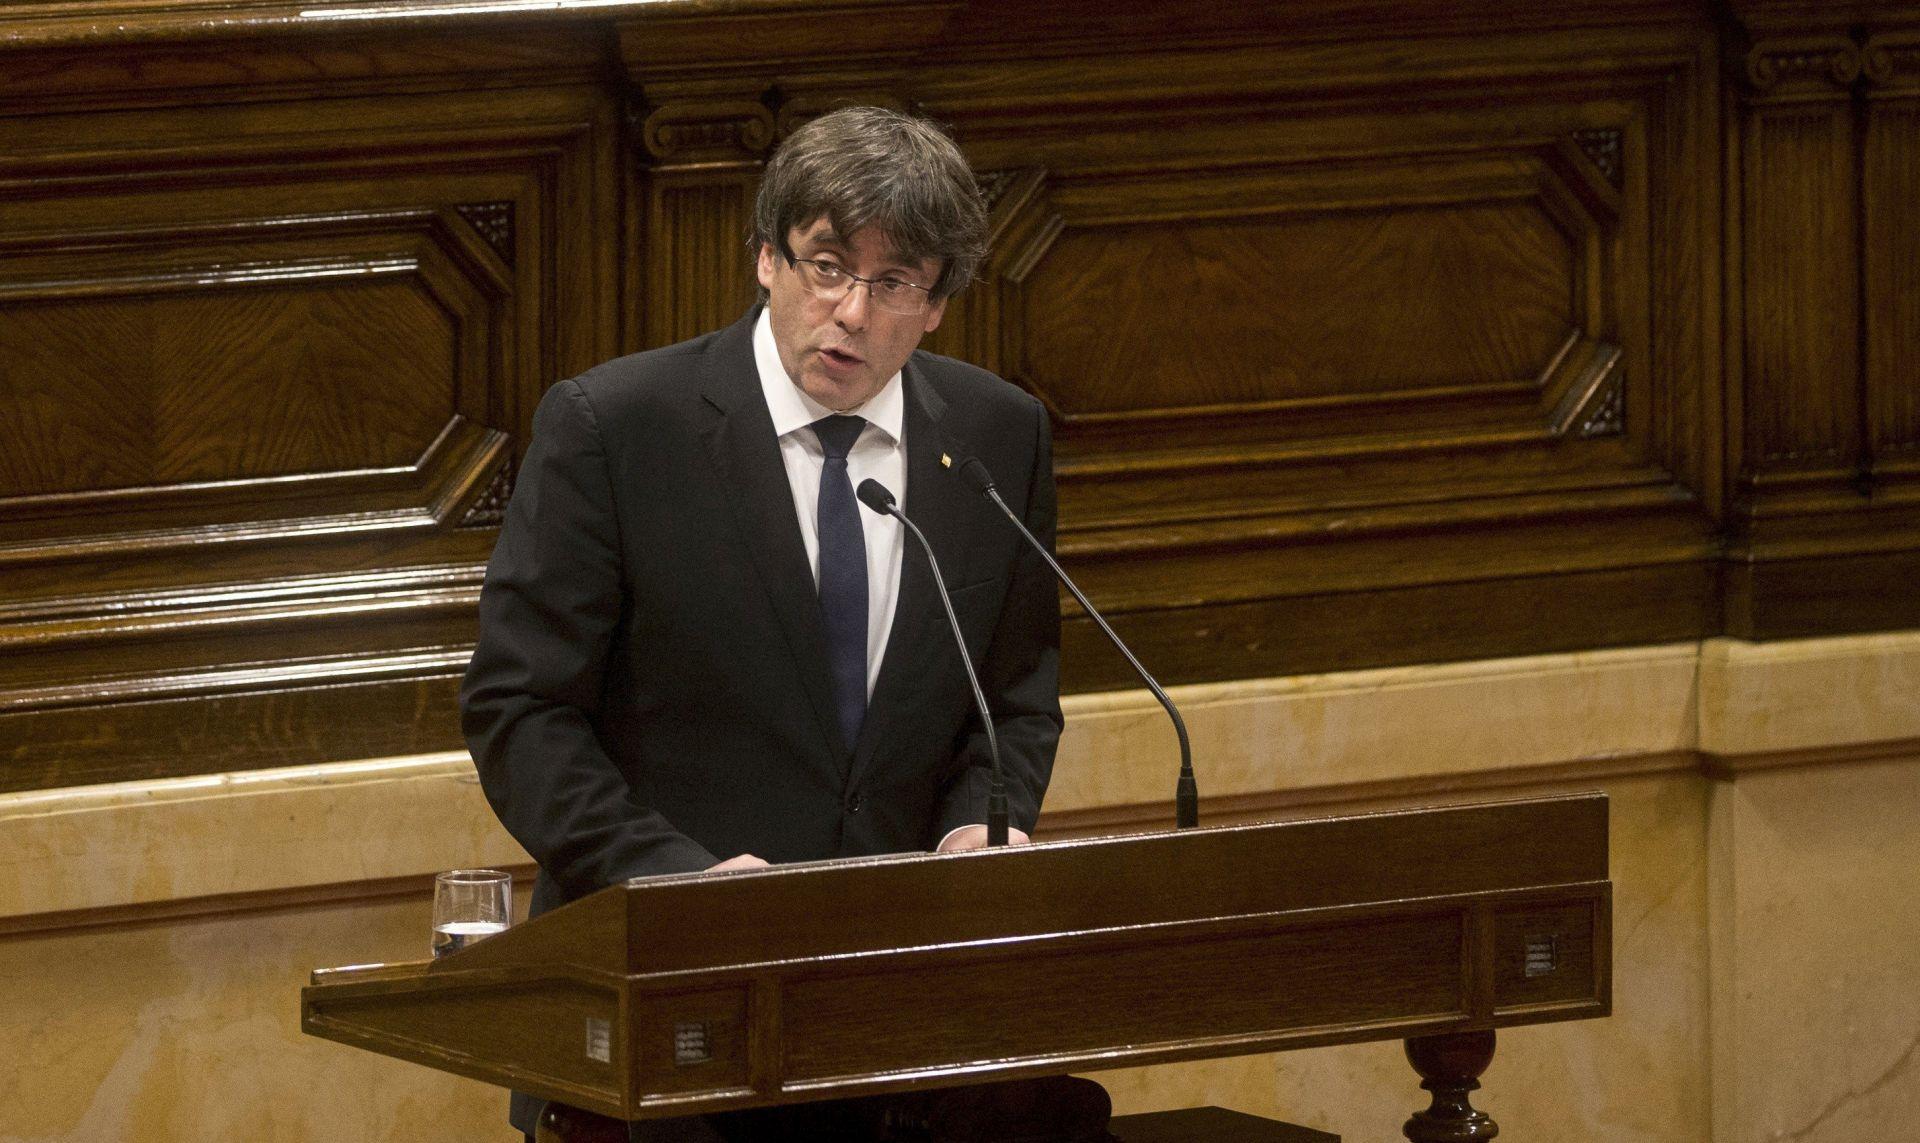 PUIGDEMONT IPAK NIJE U BIJEGU: Ne tražim azil u Belgiji, u središtu EU-a želim objasniti katalonsko pitanje